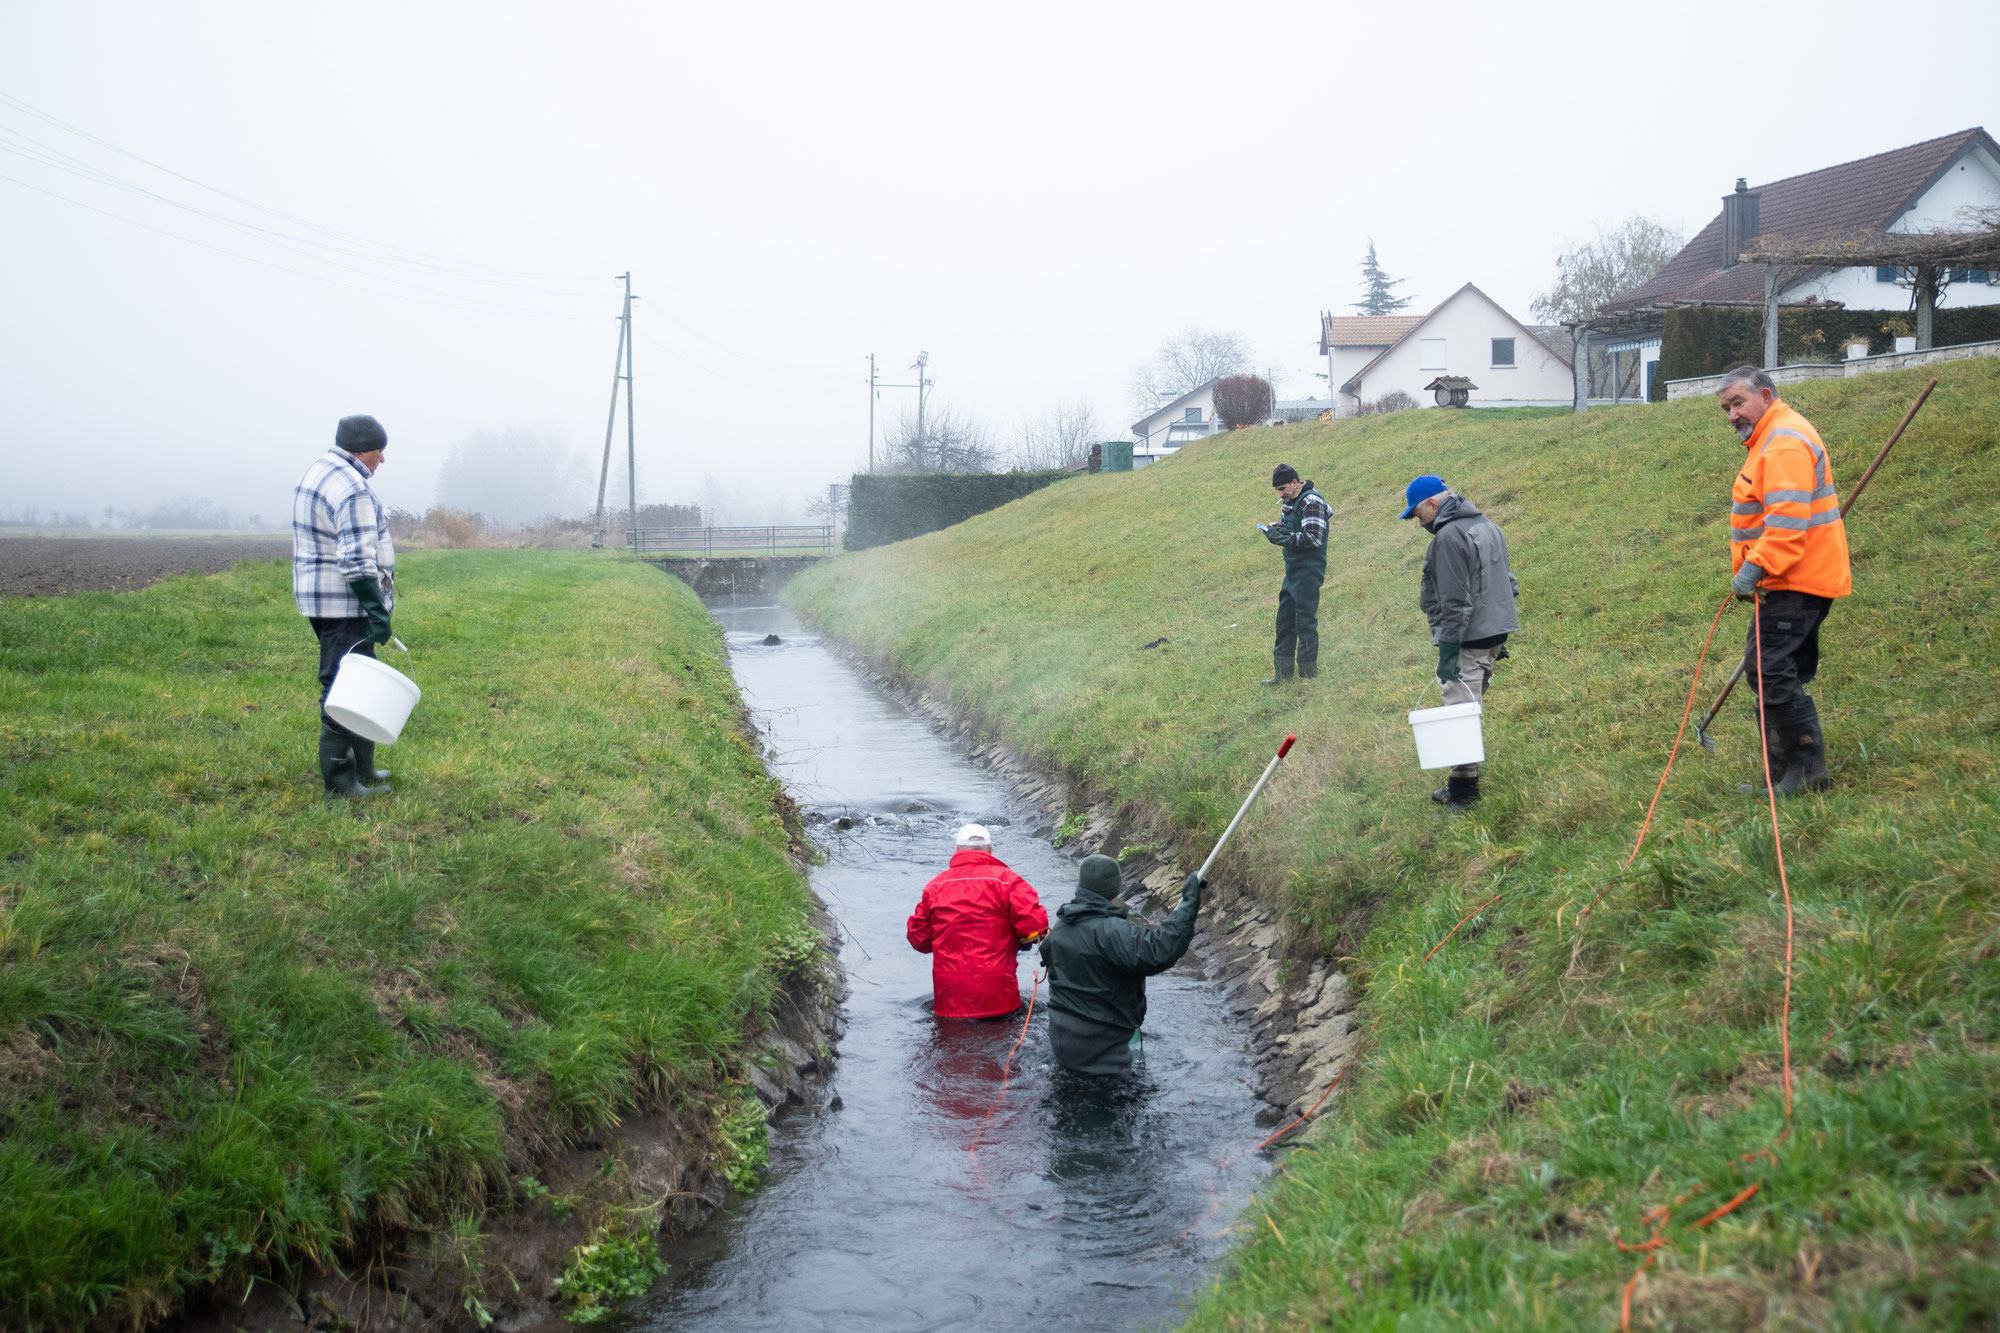 Abfischen Hinterwasserkanal Full Dezember 2020